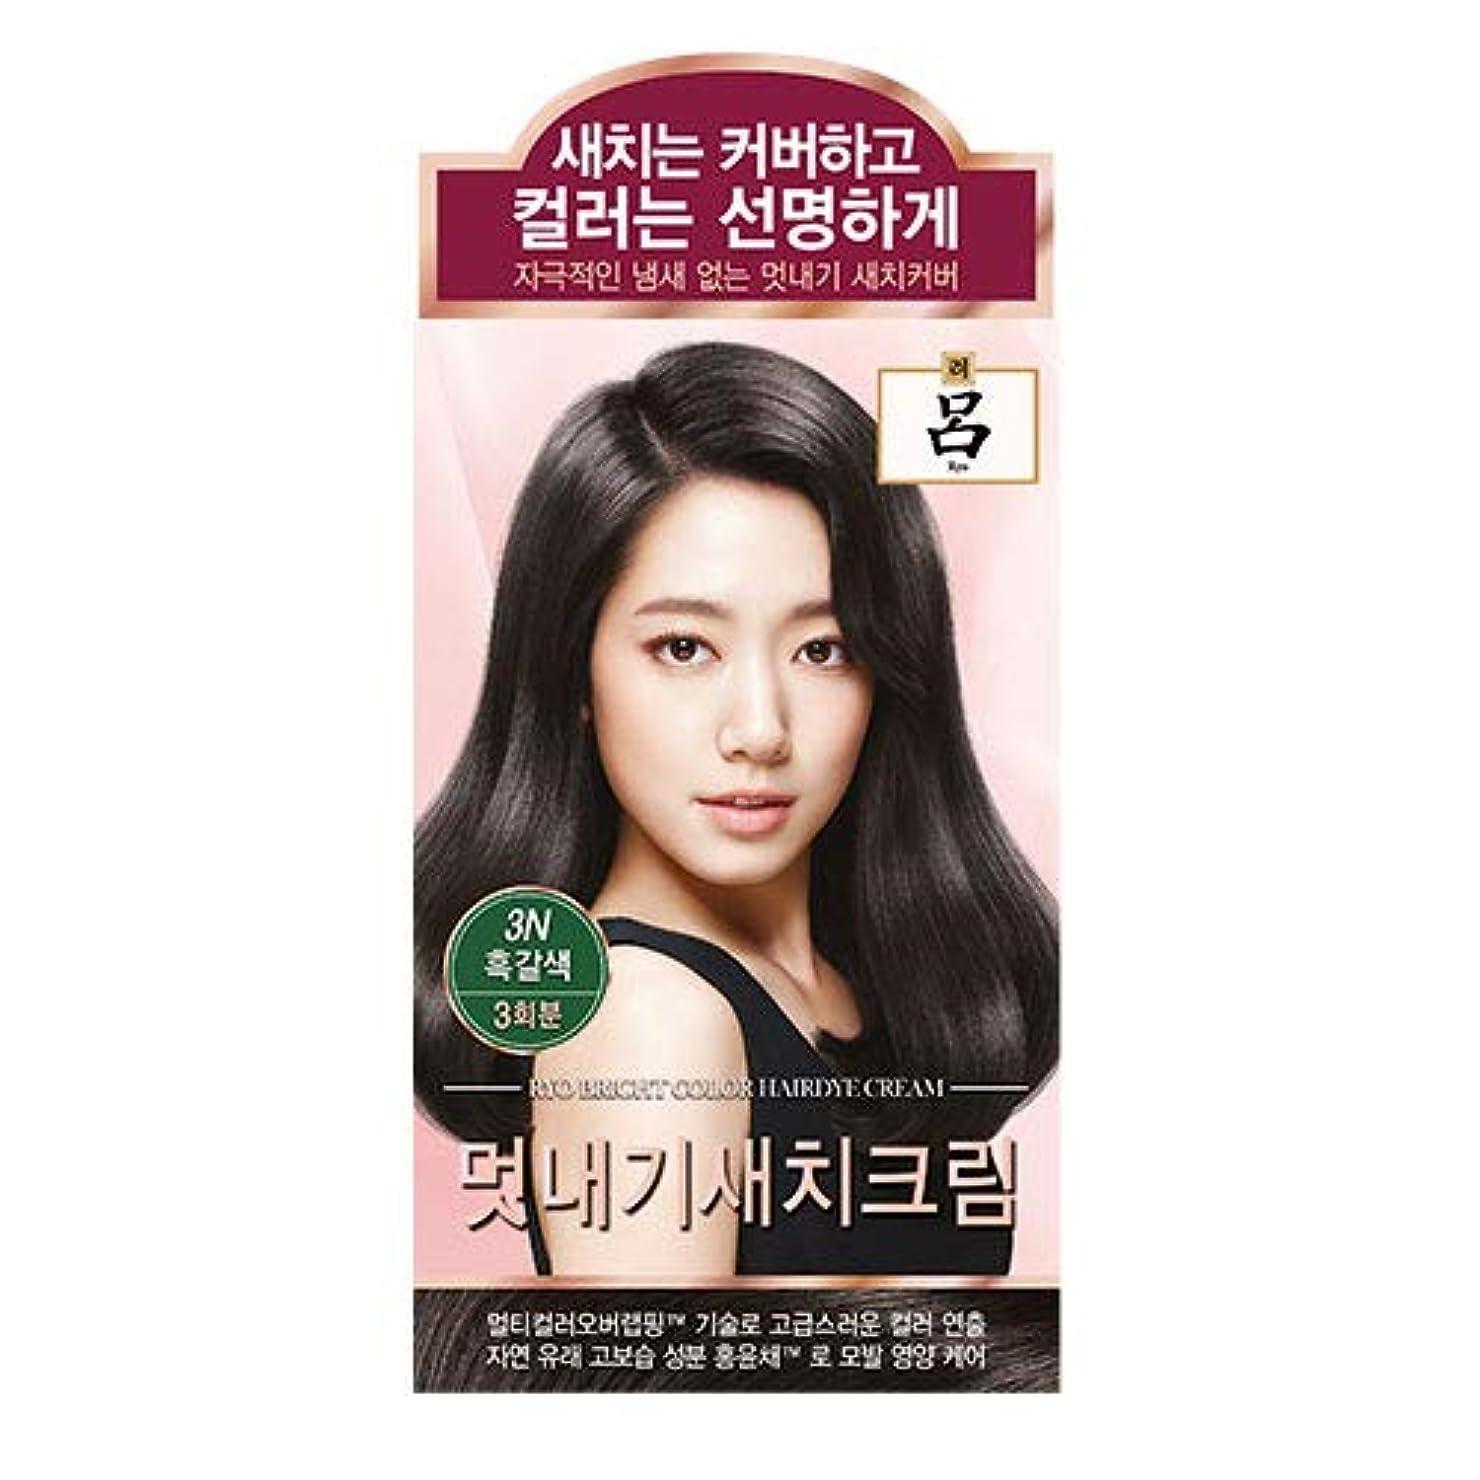 取り組むランデブー戦士アモーレパシフィック呂[AMOREPACIFIC/Ryo] ブライトカラーヘアアイクリーム 3N ダークブラウン/Bright Color Hairdye Cream 3N Dark Brown